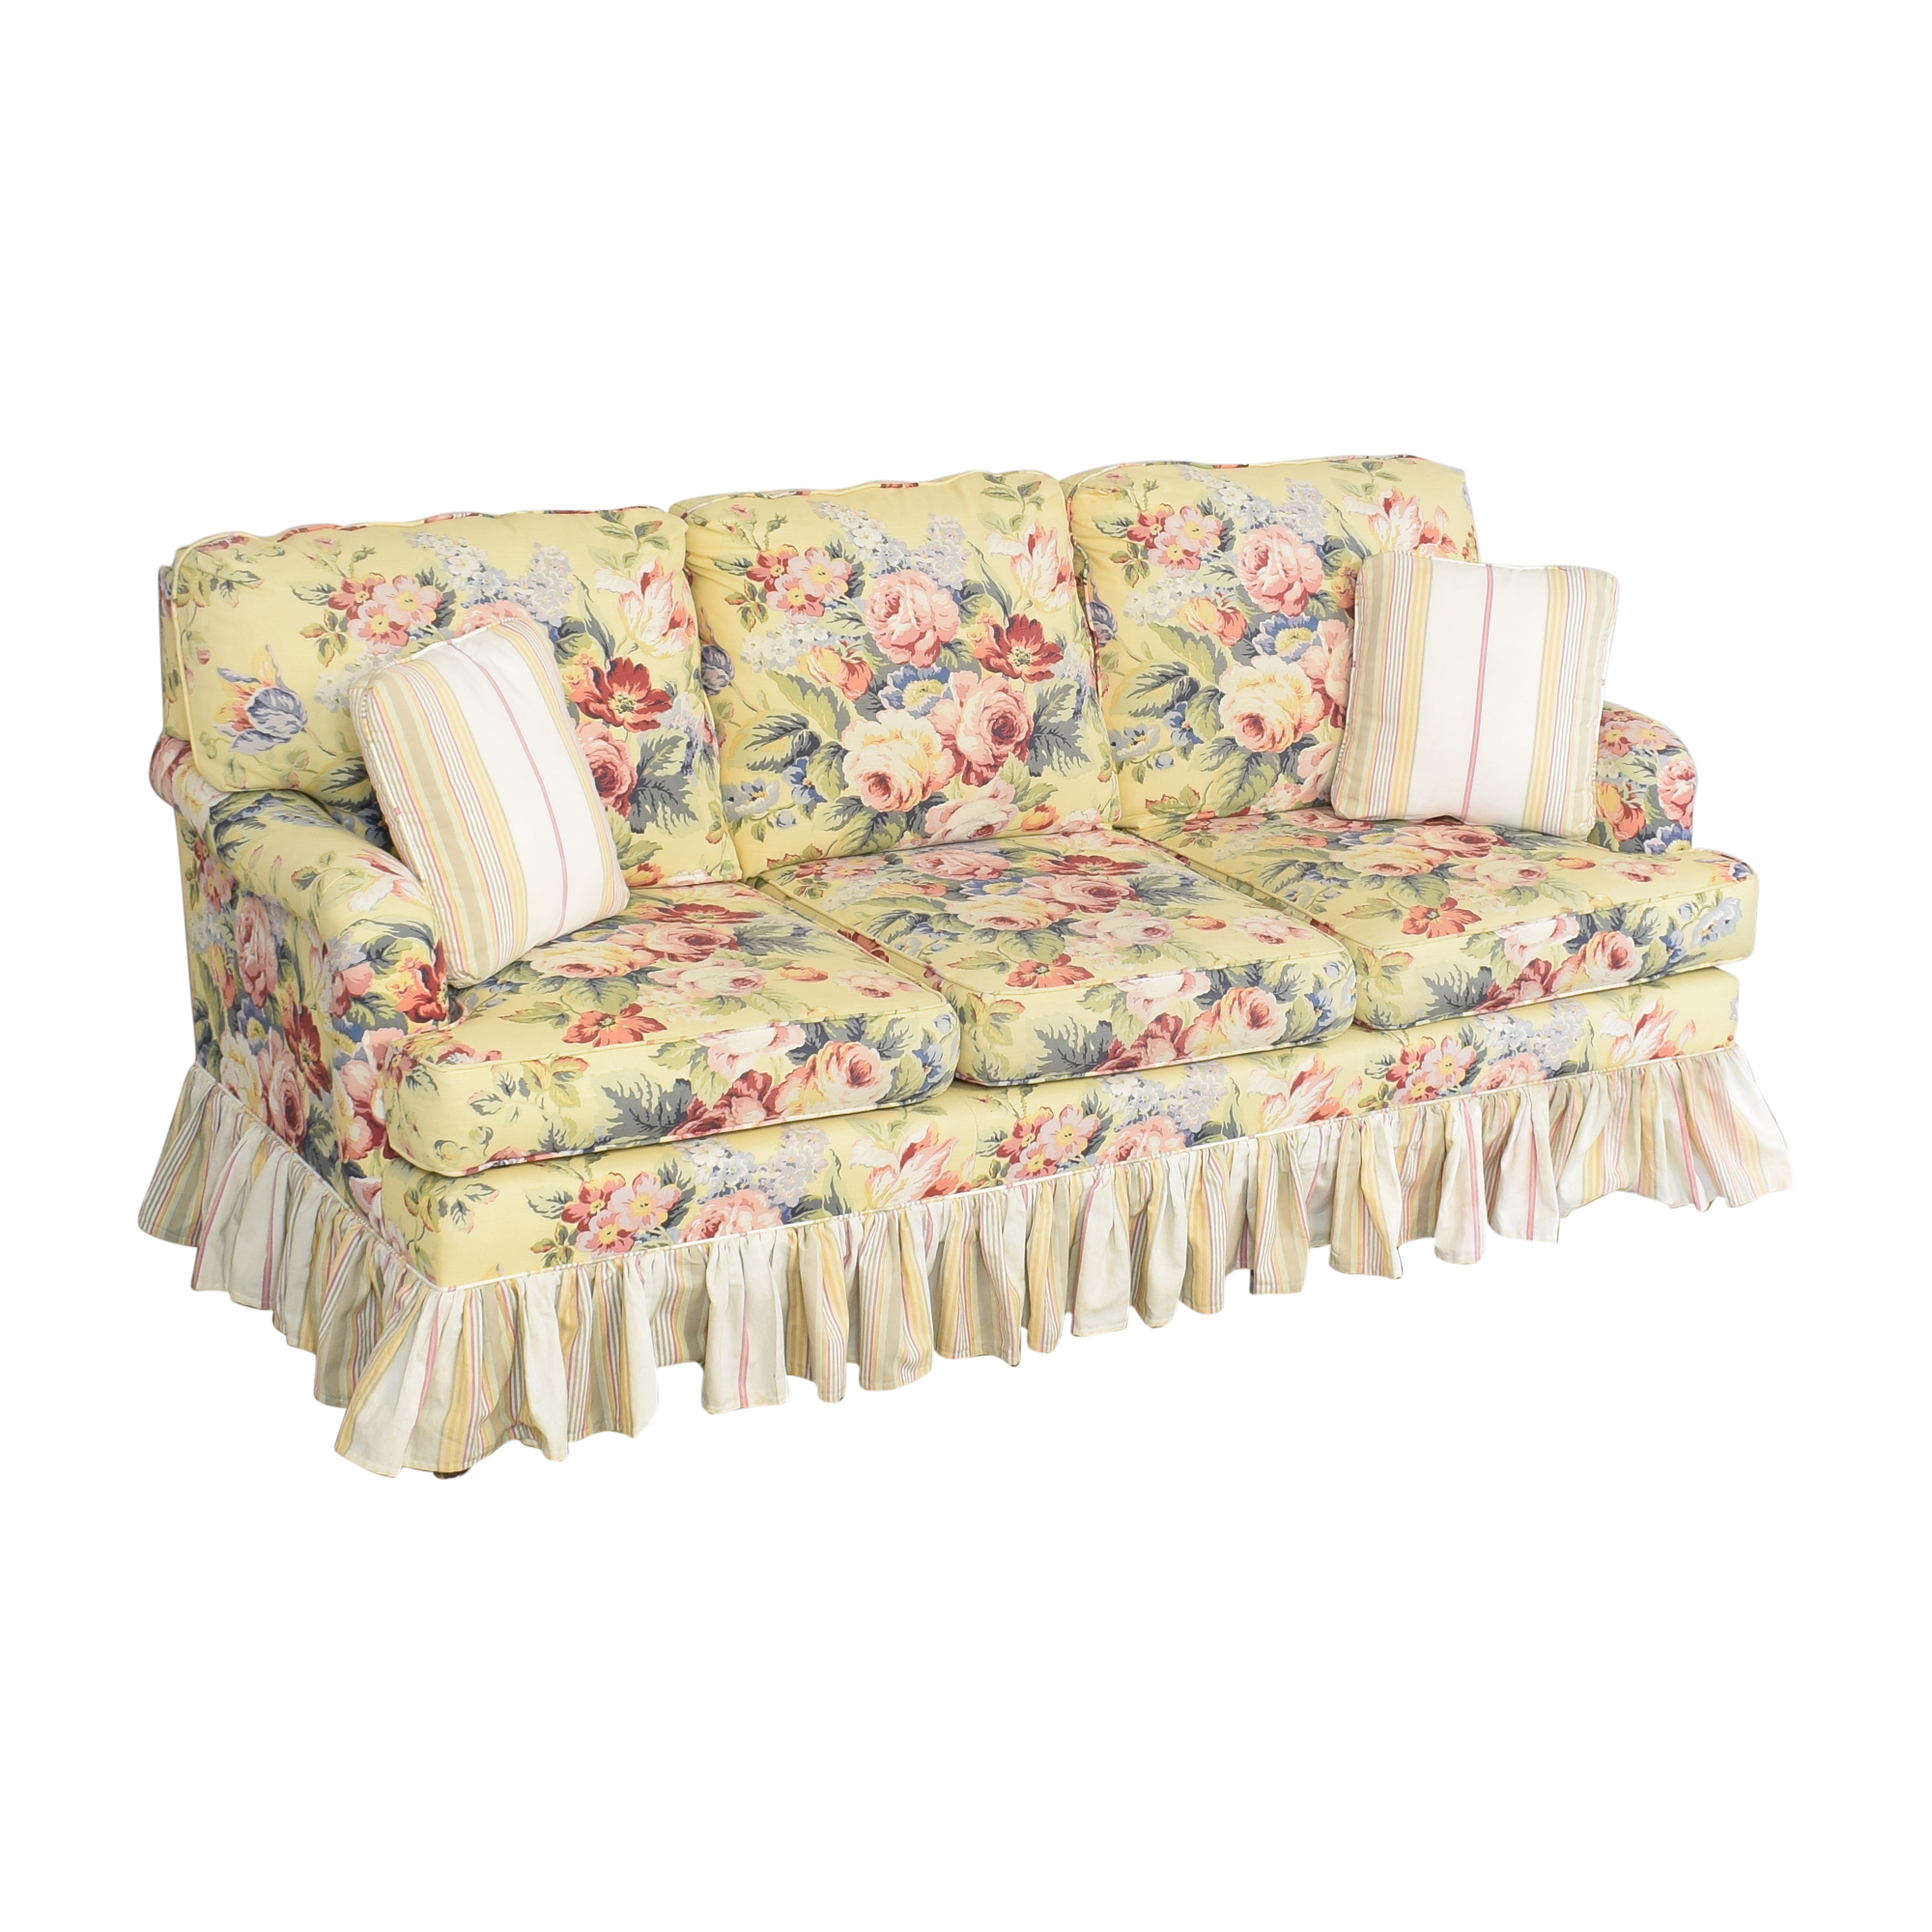 Sleepworks Sleepworks Custom Floral Sofa pa